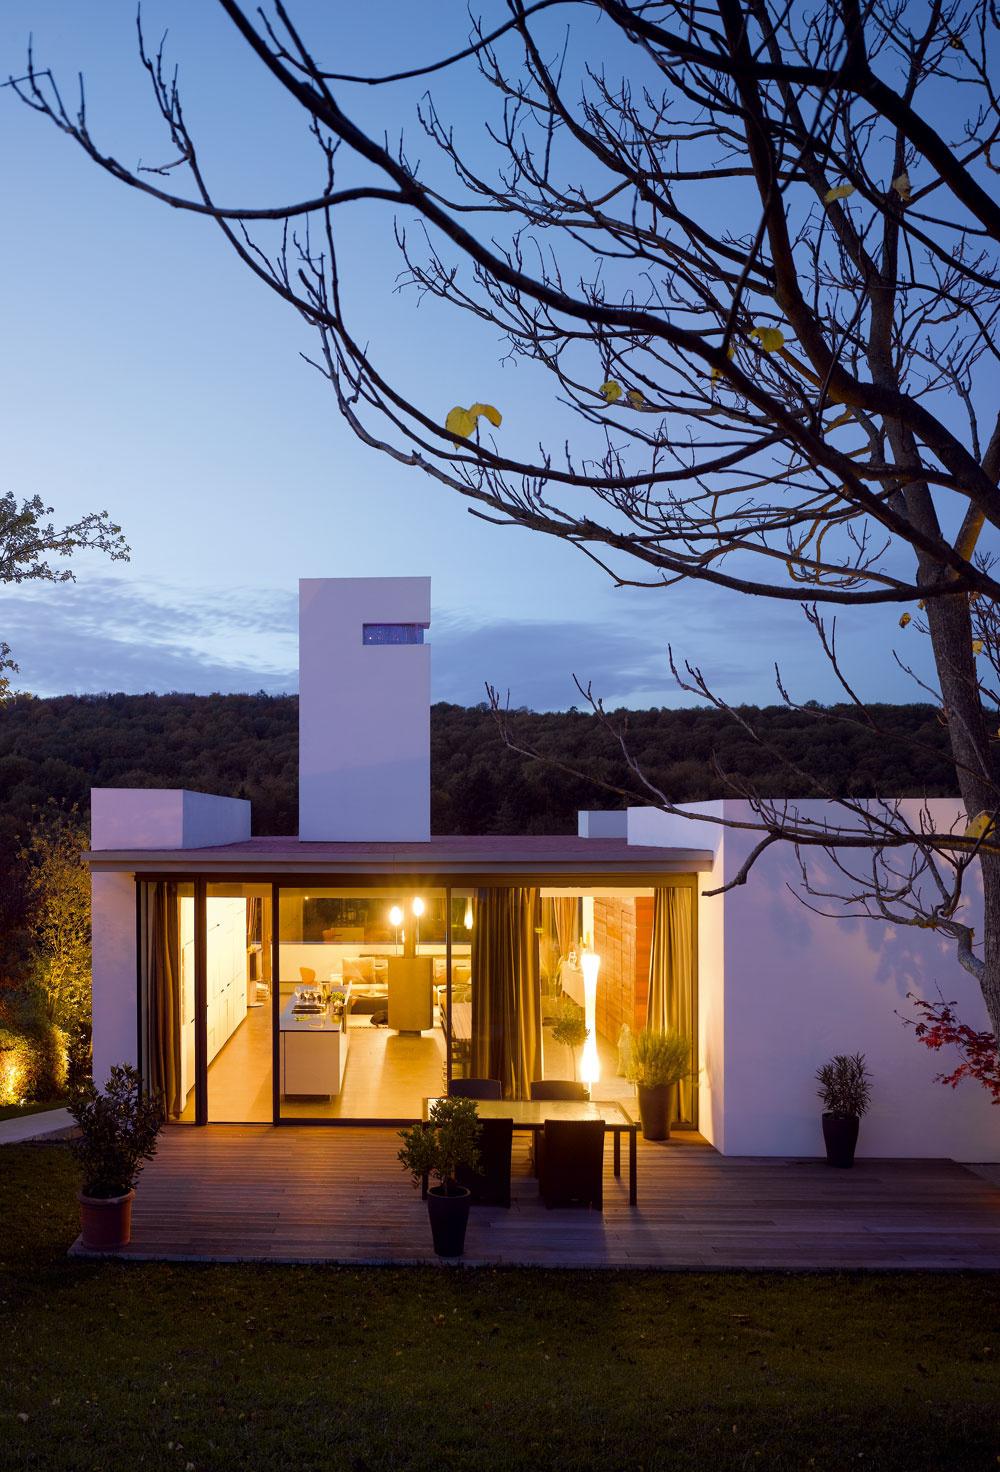 Po zotmení žiaria do noci nielen veľké okná, atmosféru vytvárajú aj podsvietené rastliny. Ako vidieť na ľavom okraji snímky, bodové svetlá smerujú na elegantné javory aj na skromnejšie kry. Pointou sú svetielkujúce LED diódy vo výreze komína, čo je vraj signál, že majitelia sú doma.